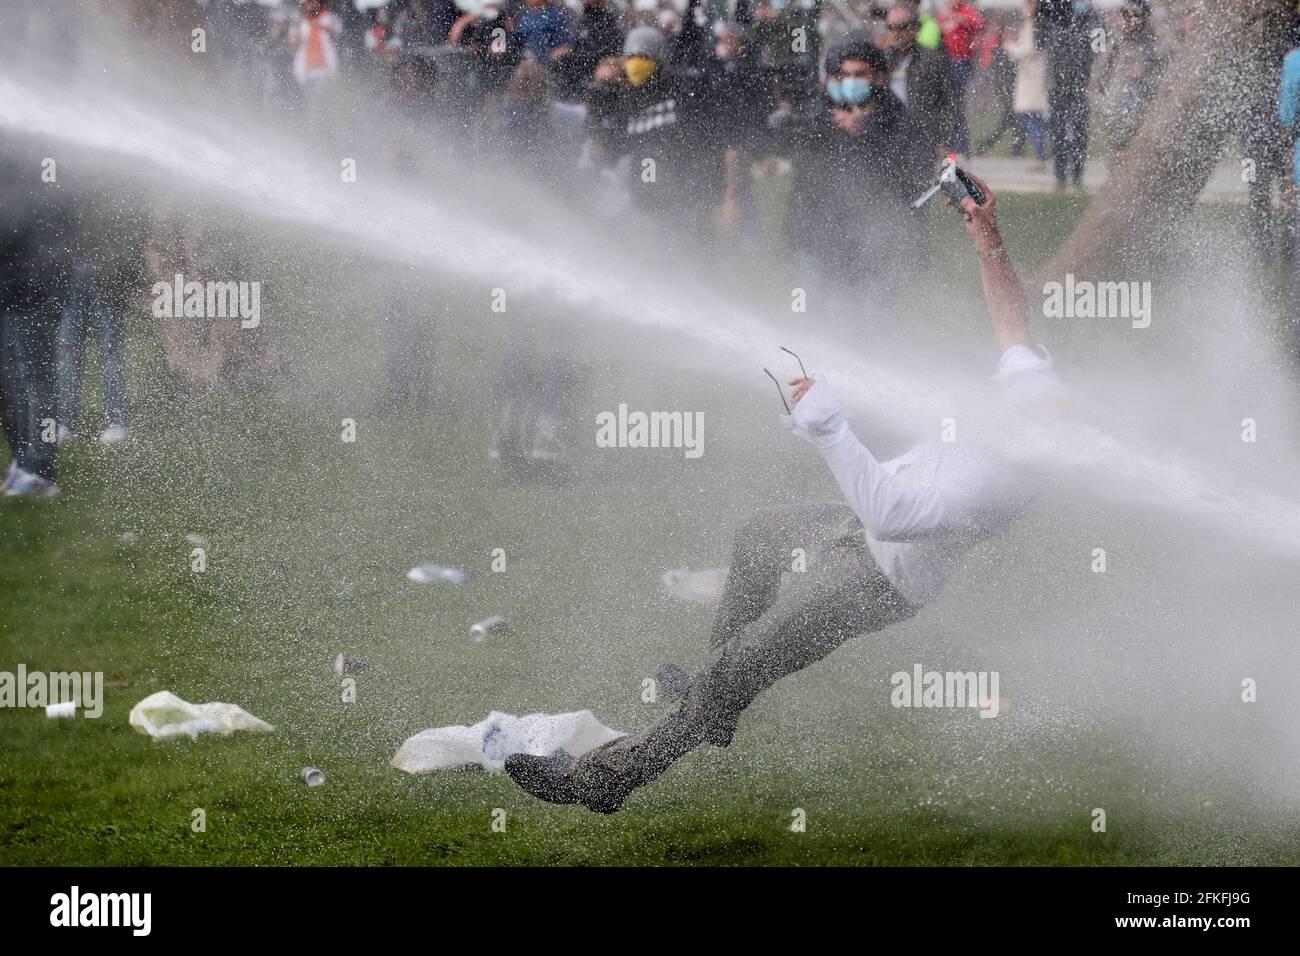 """Während der Zusammenstöße im Park Bois de la Cambre/Ter Kamerenbos wird ein Mann von einer Wasserkanone übergossen, während sich Menschen zu einer Party namens """"La Boum 2"""" versammeln, die den sozialen Distanzierungsmaßnahmen und Beschränkungen der belgischen Coronavirus-Krankheit (COVID-19) trotzt, am 1. Mai 2021 in Brüssel, Belgien. REUTERS/Yves Herman Stockfoto"""